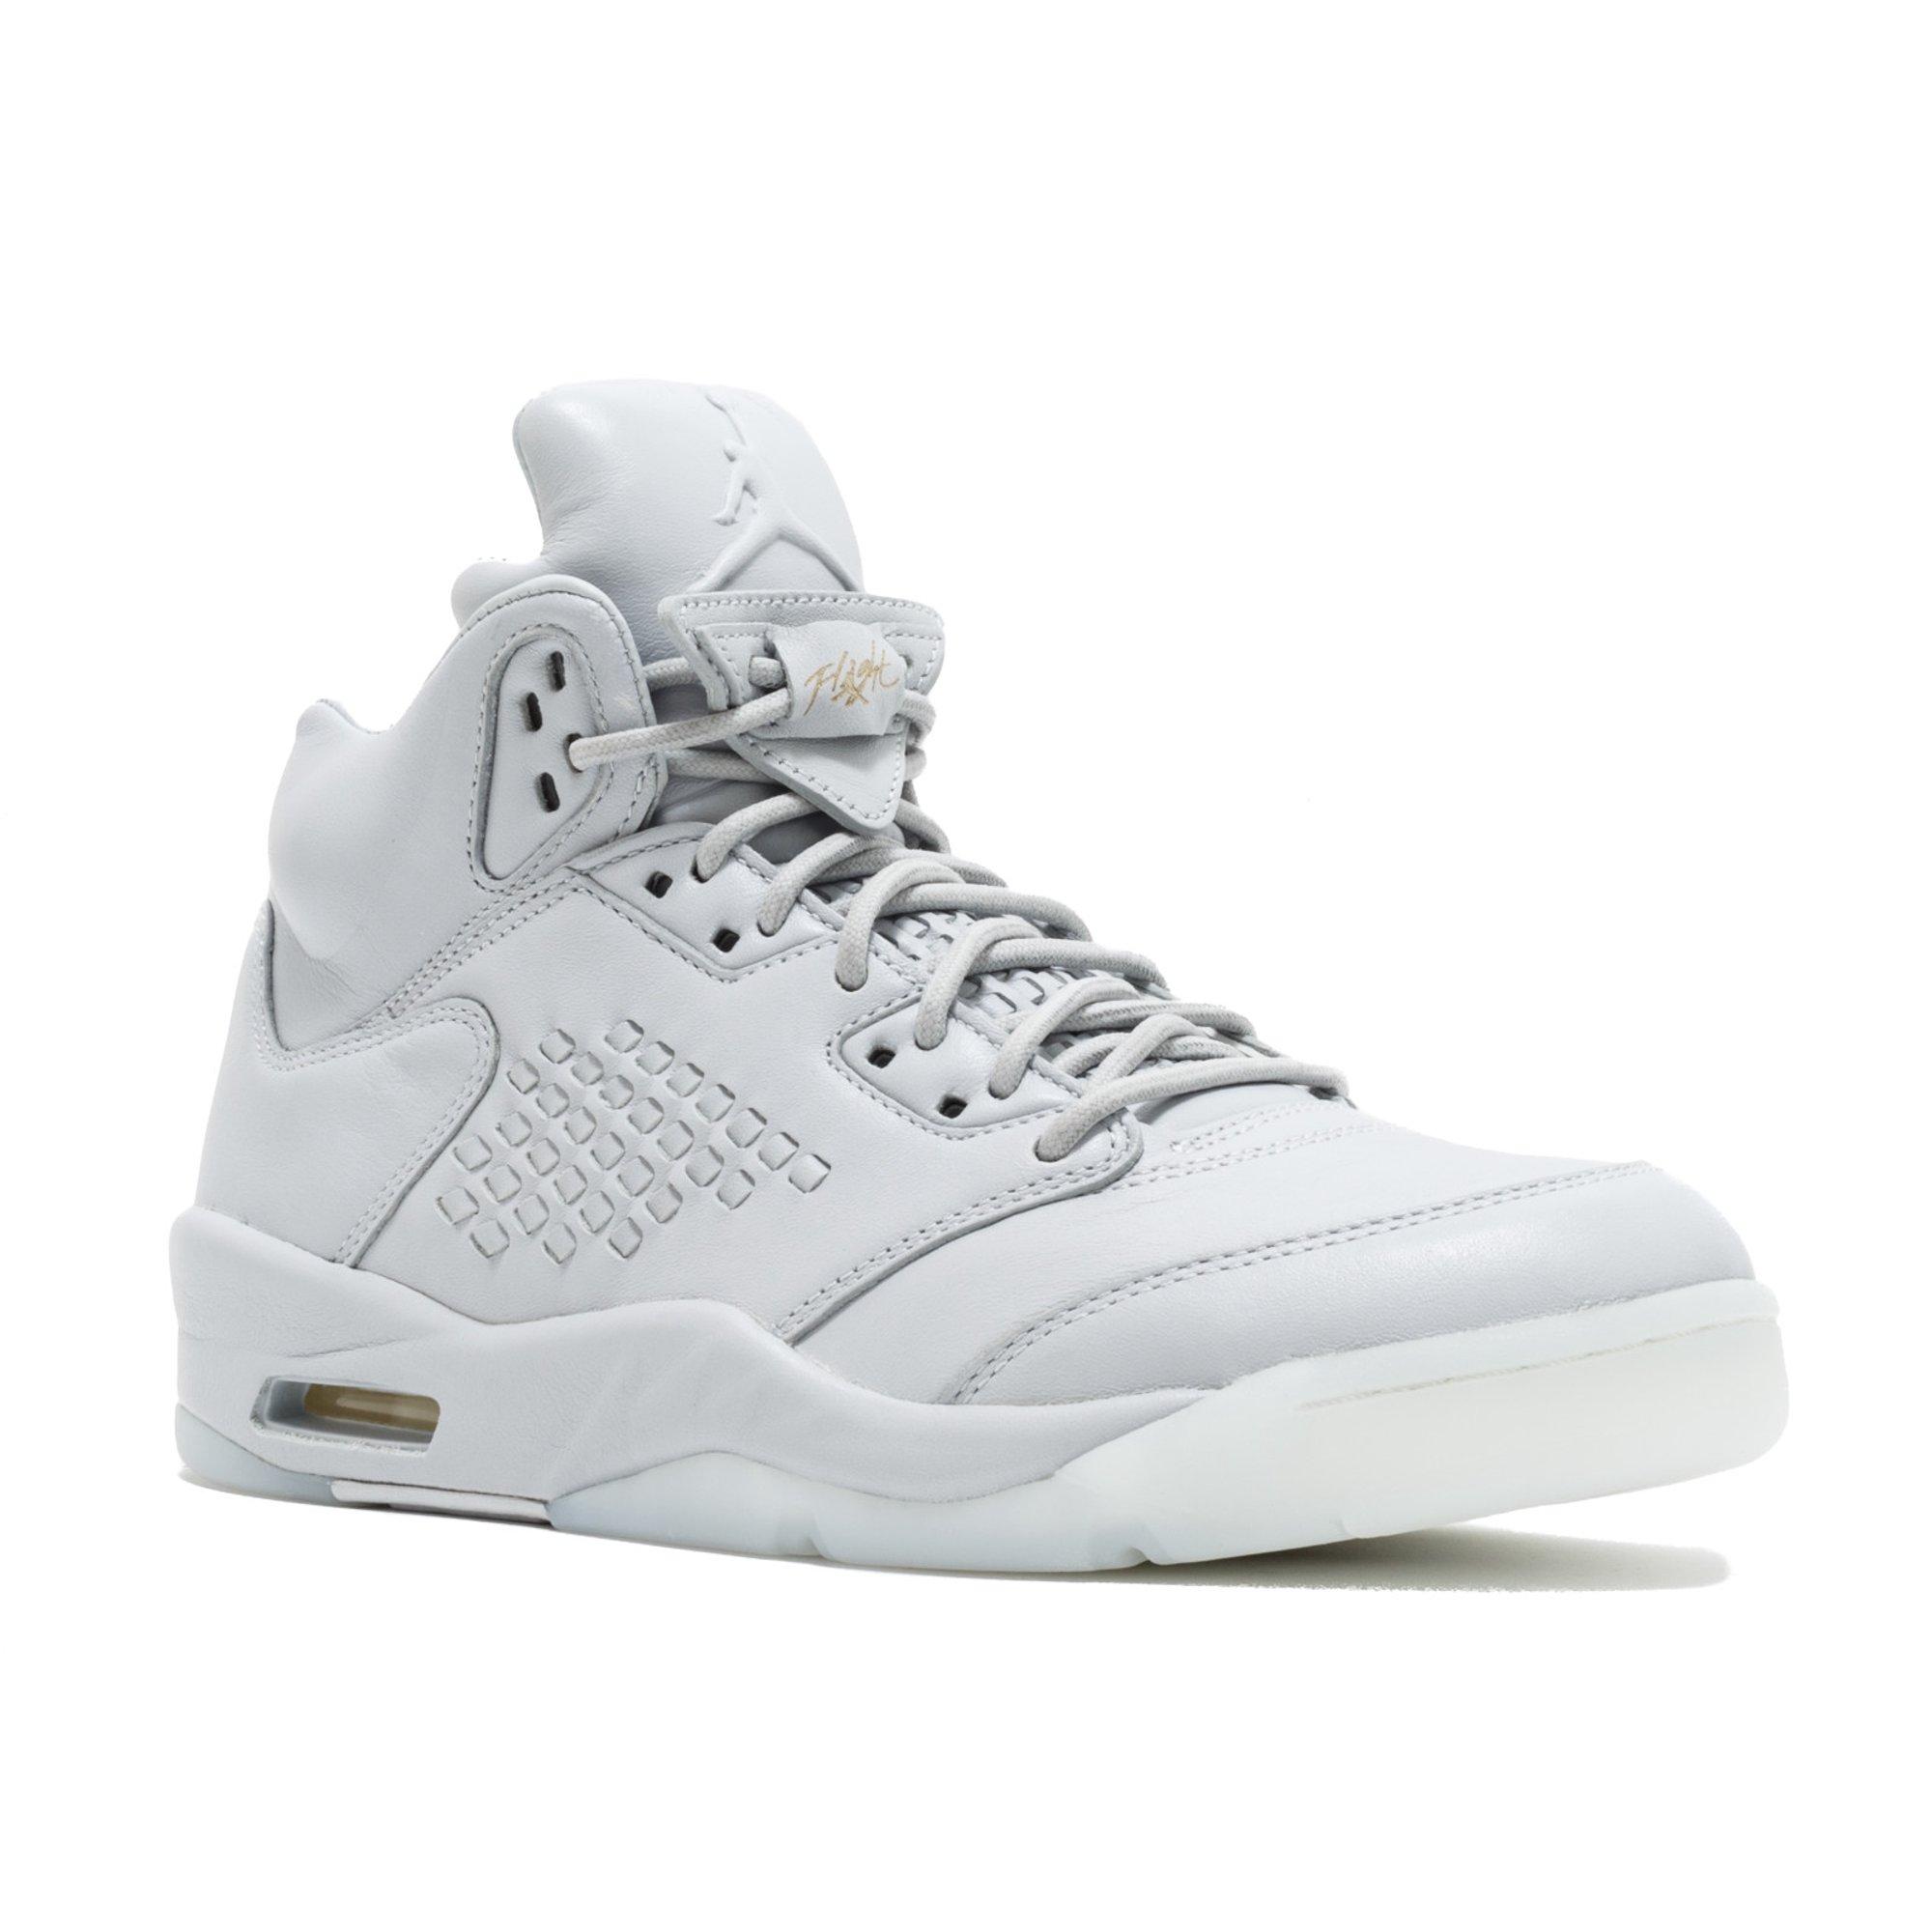 106bbf51acd4 Air Jordan - Men - Air Jordan 5 Retro Prem  Pure Platinum  - 881432-003 -  Size 10.5